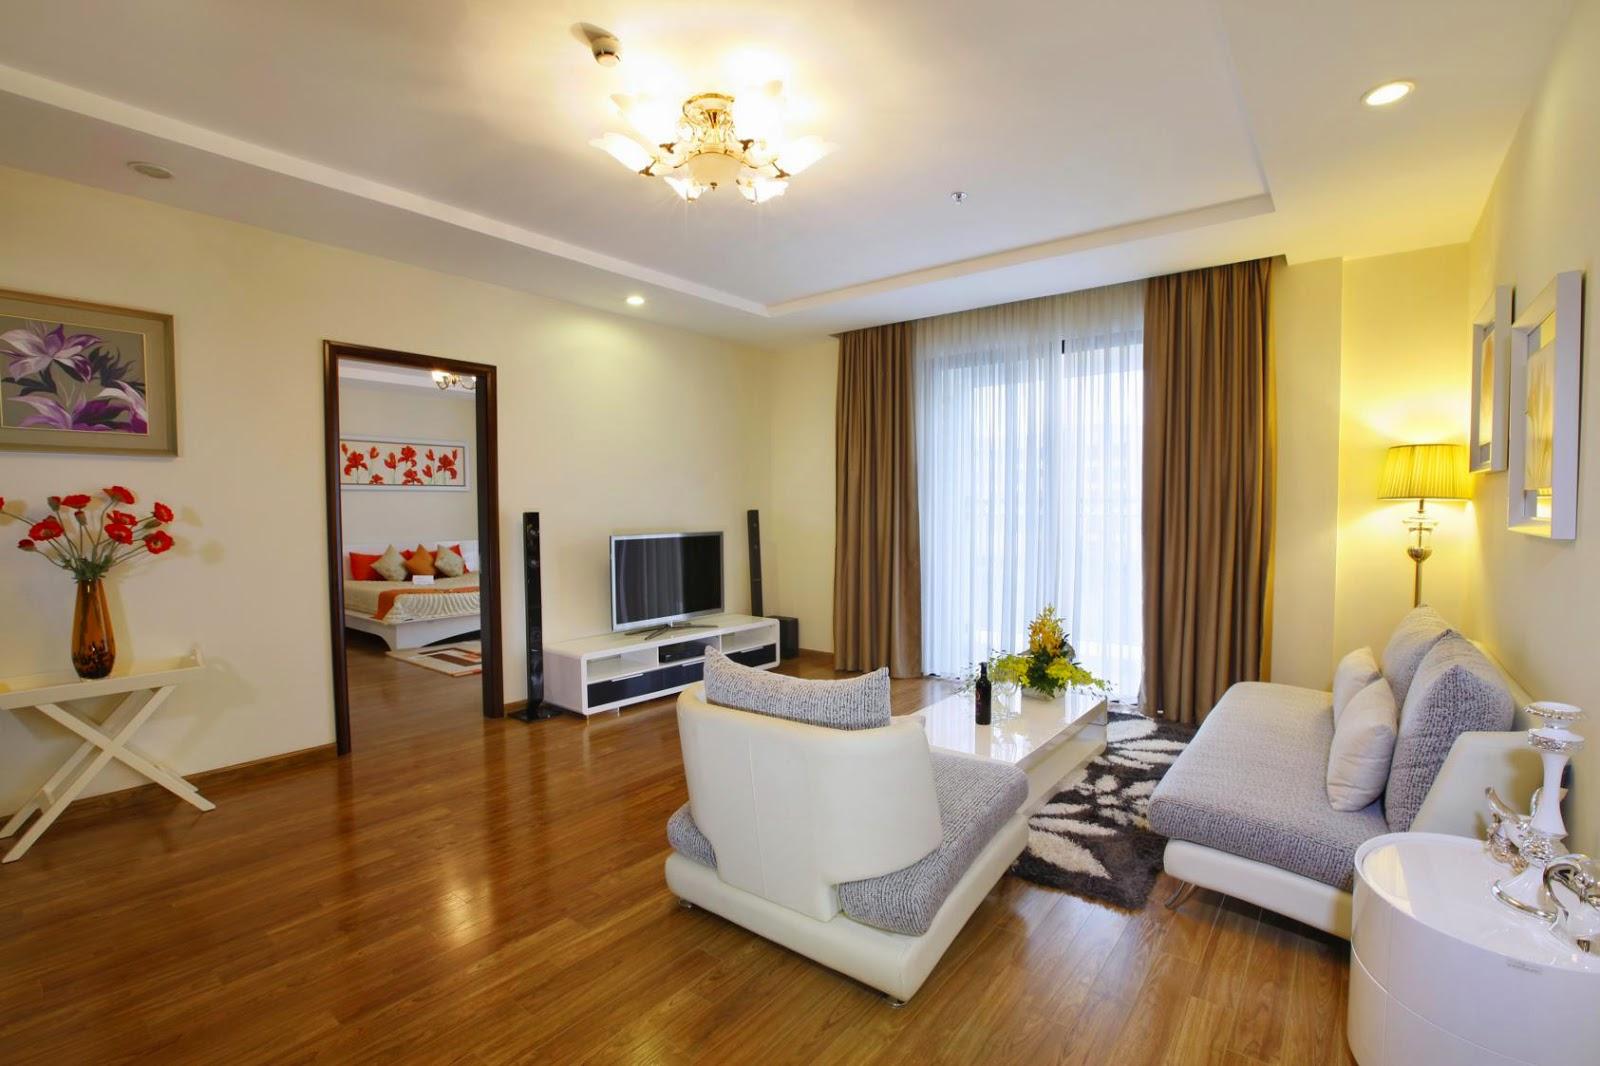 Thiết kế phòng khách căn hộ mẫu tòa T11 Times City